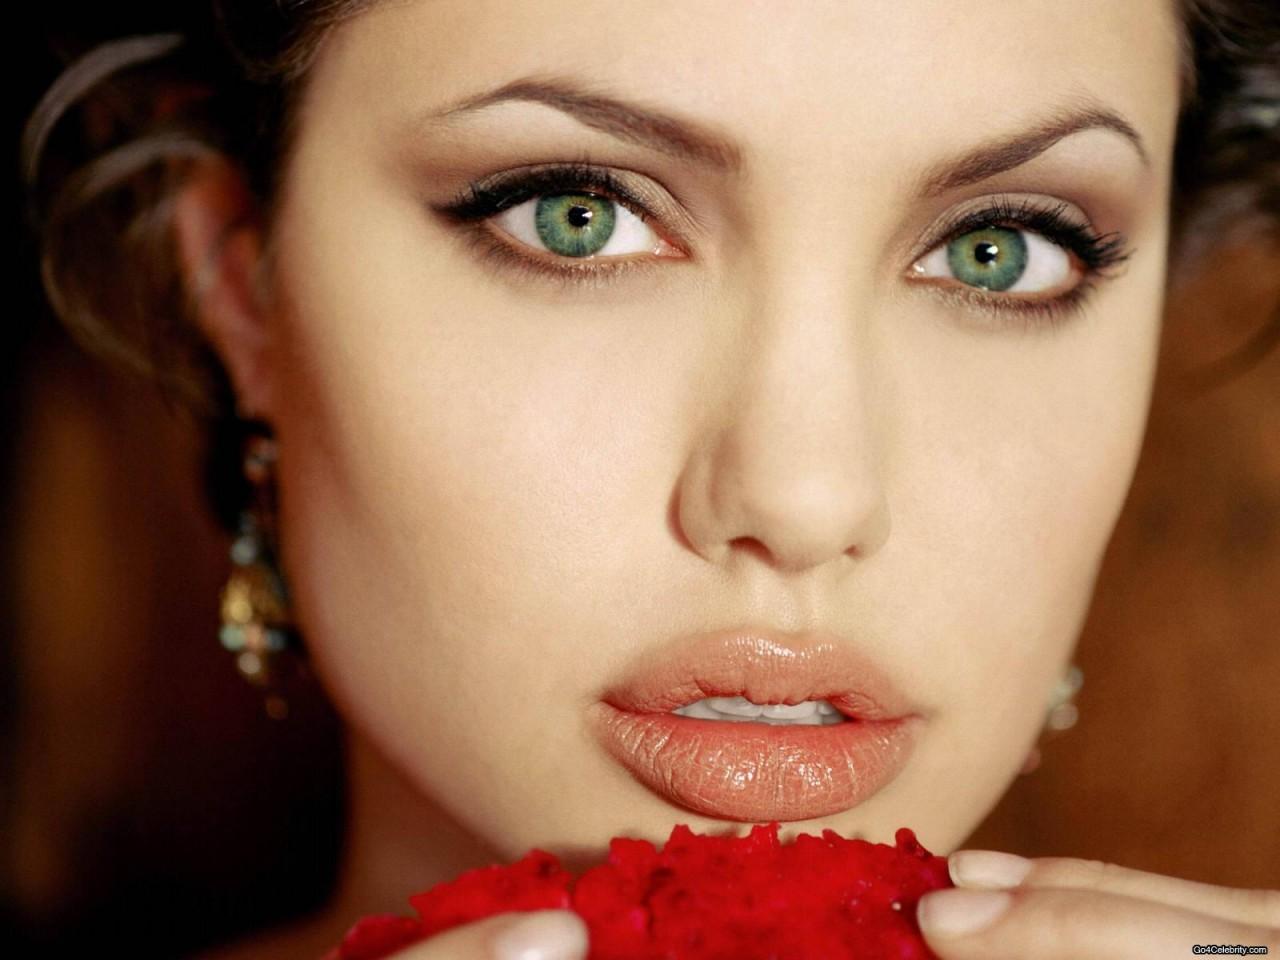 Топ 10 самых красивых девушек в мире в 2014 году 10